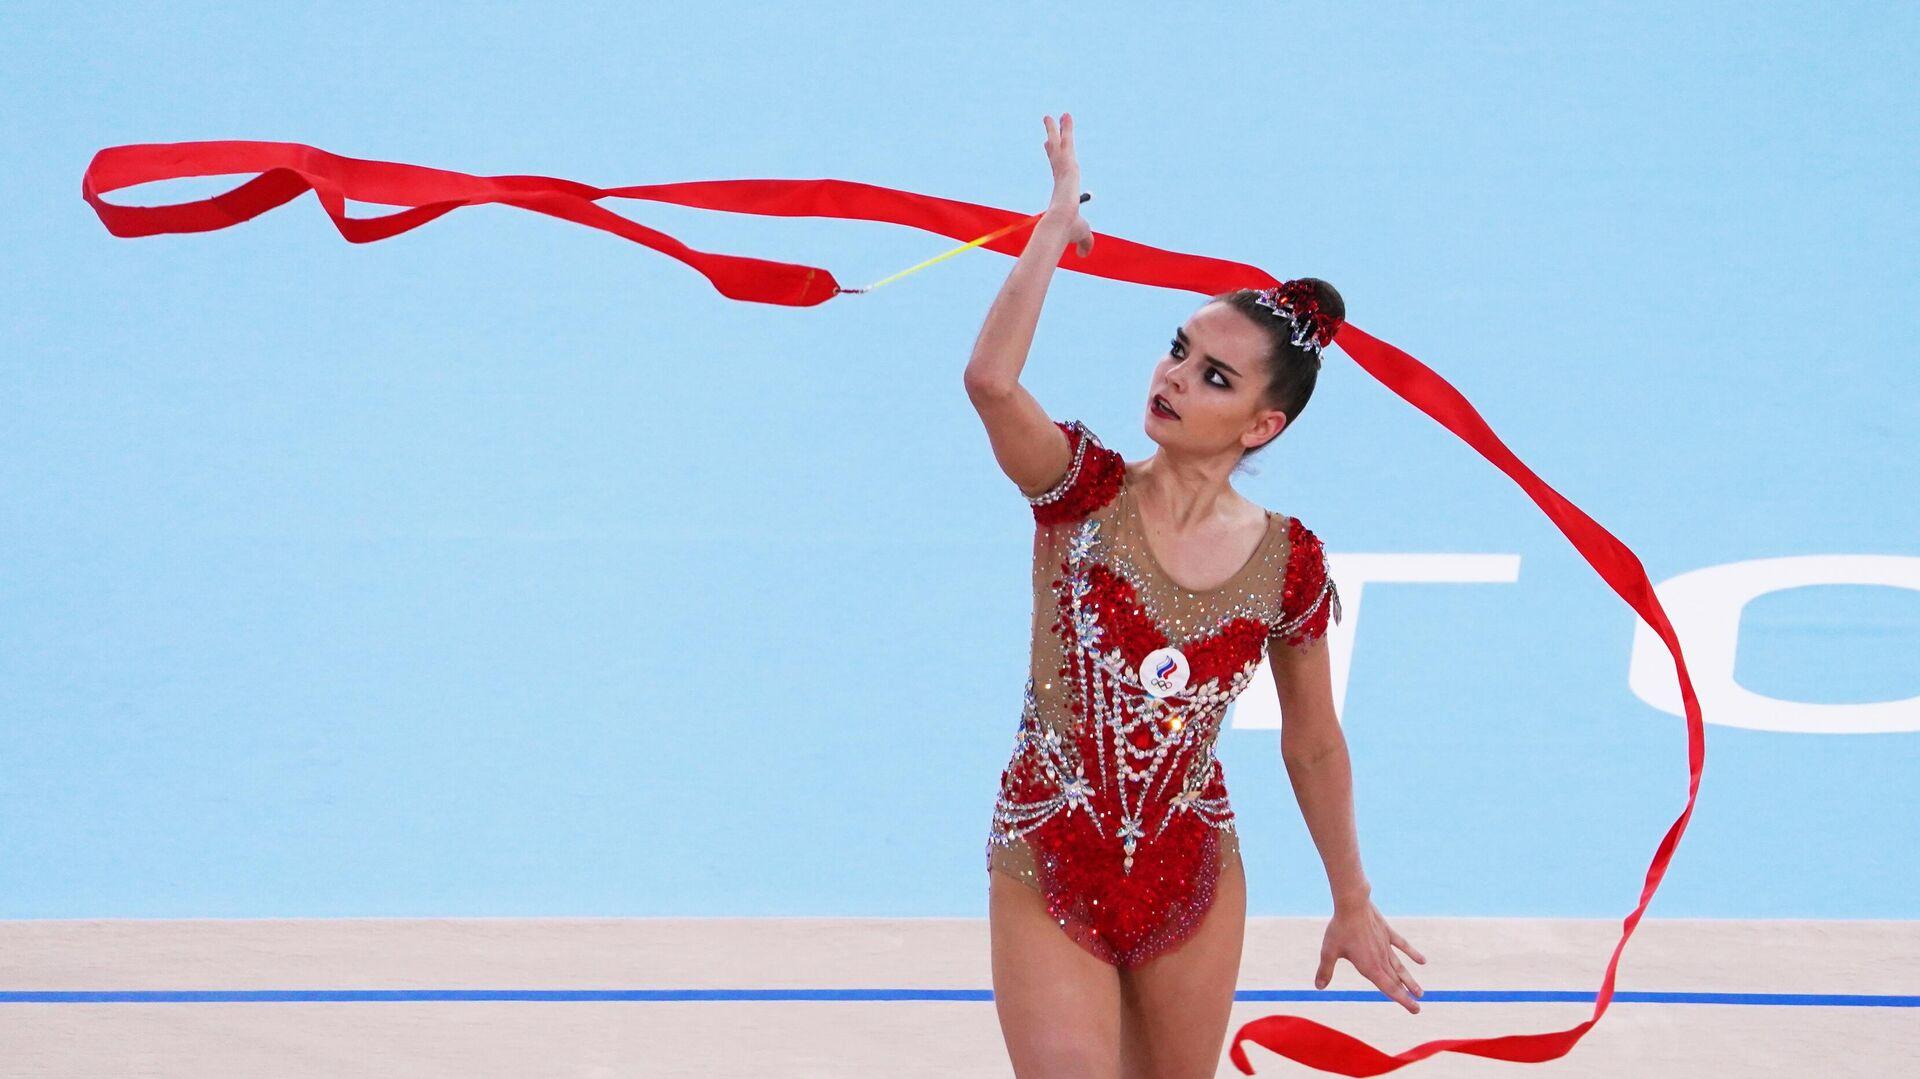 Российская гимнастка Дина Аверина - РИА Новости, 1920, 10.08.2021